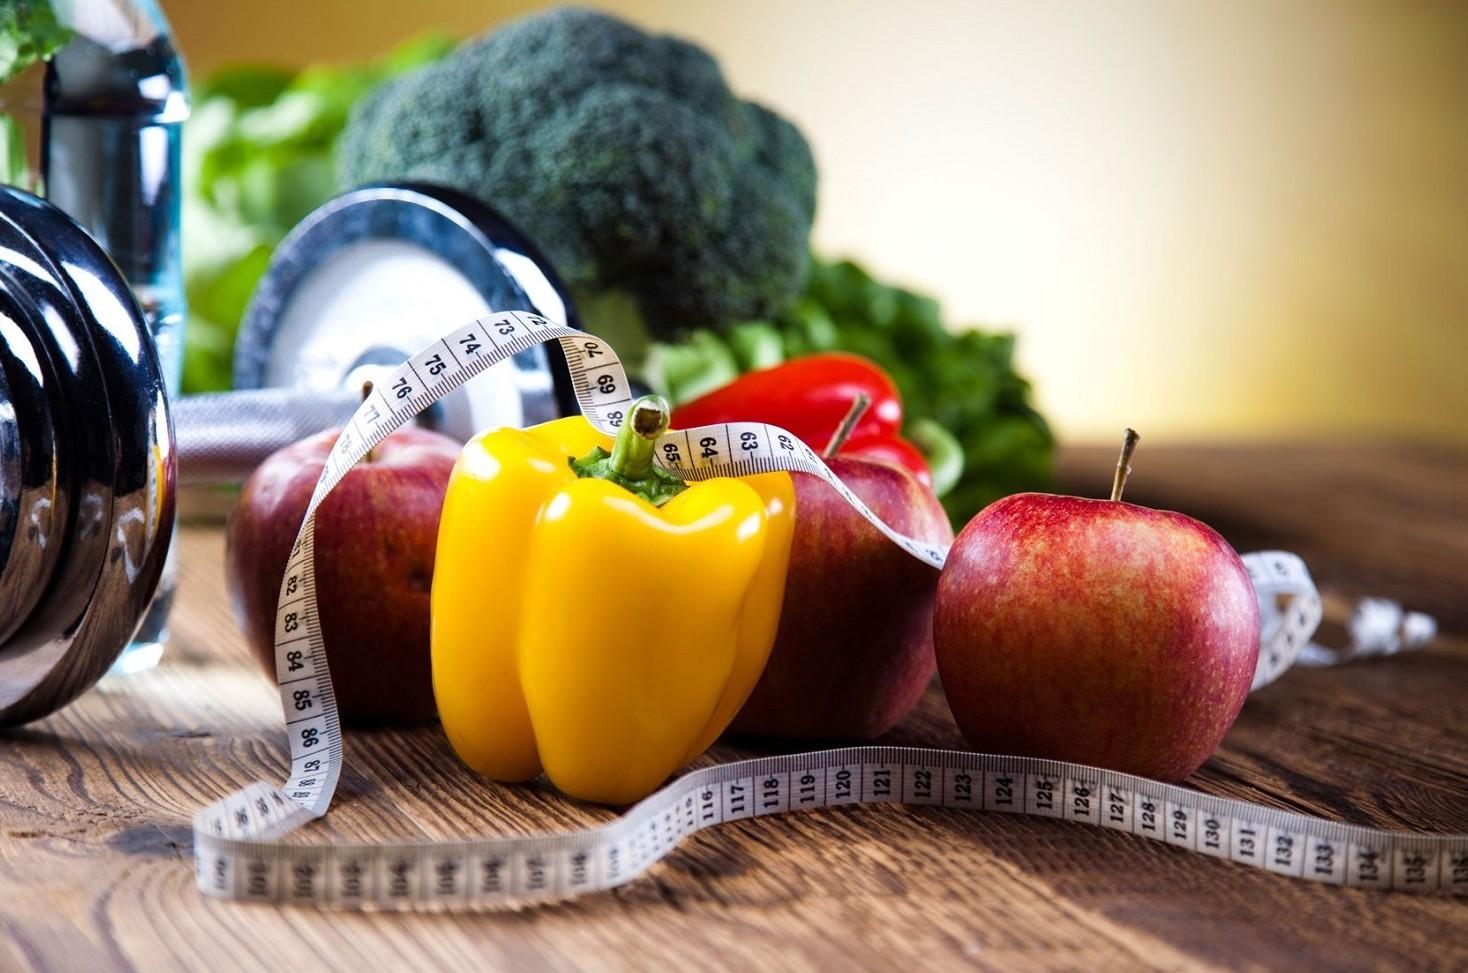 Dieta: quando conviene per dimagrire sta